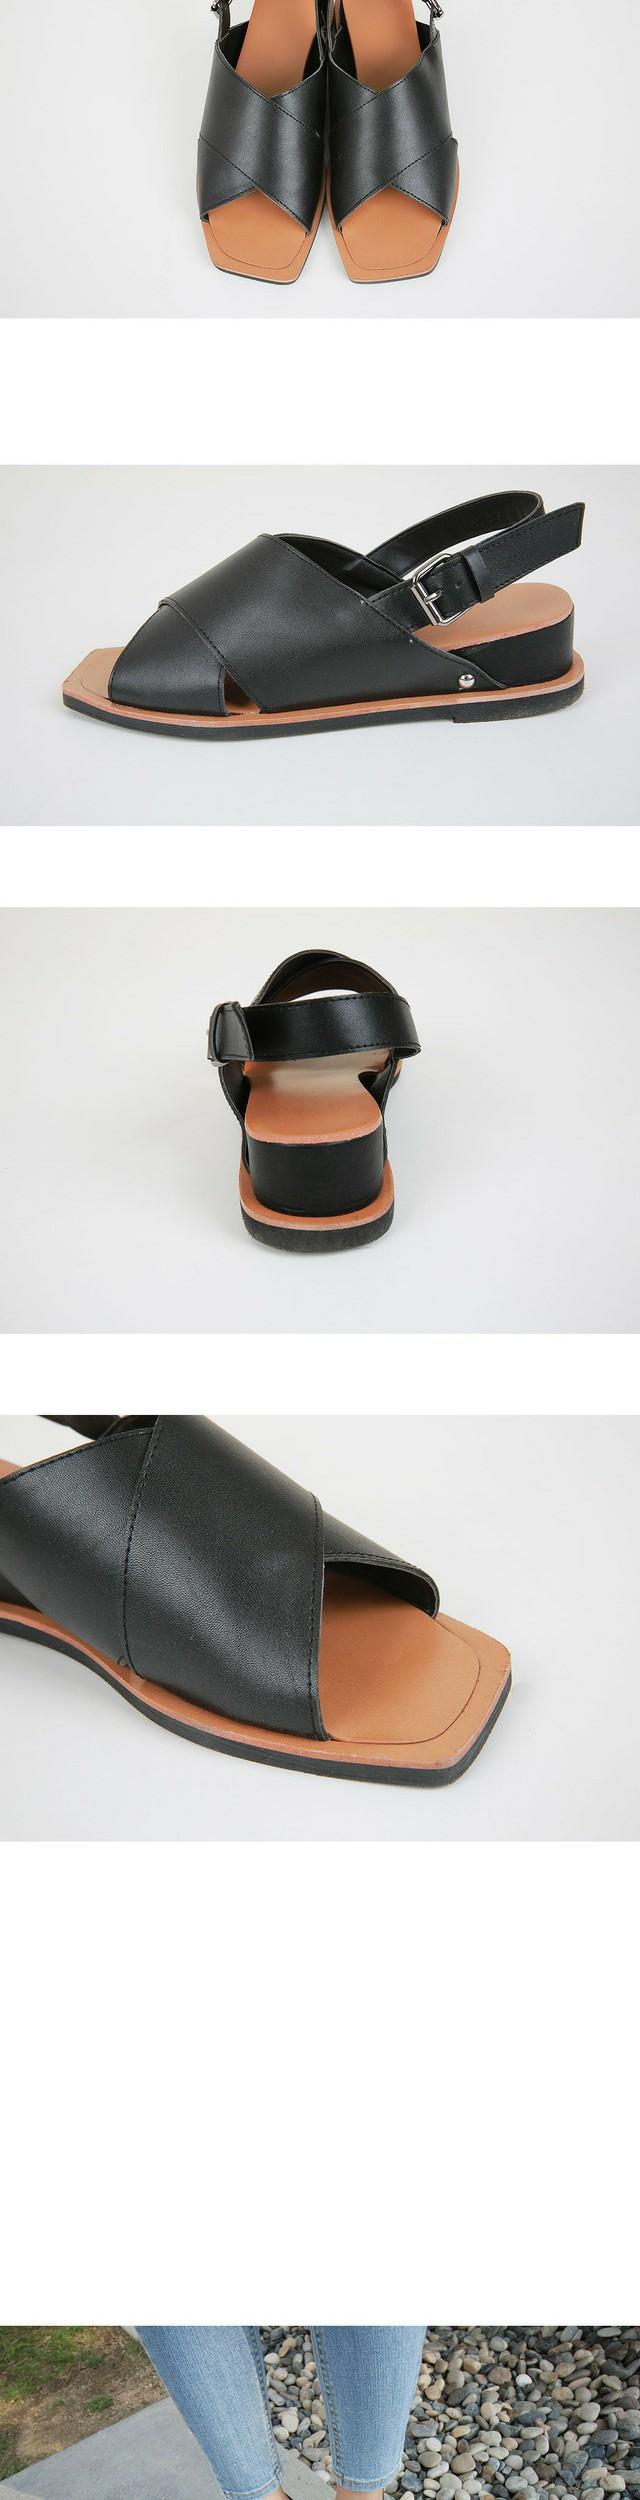 Square-strap